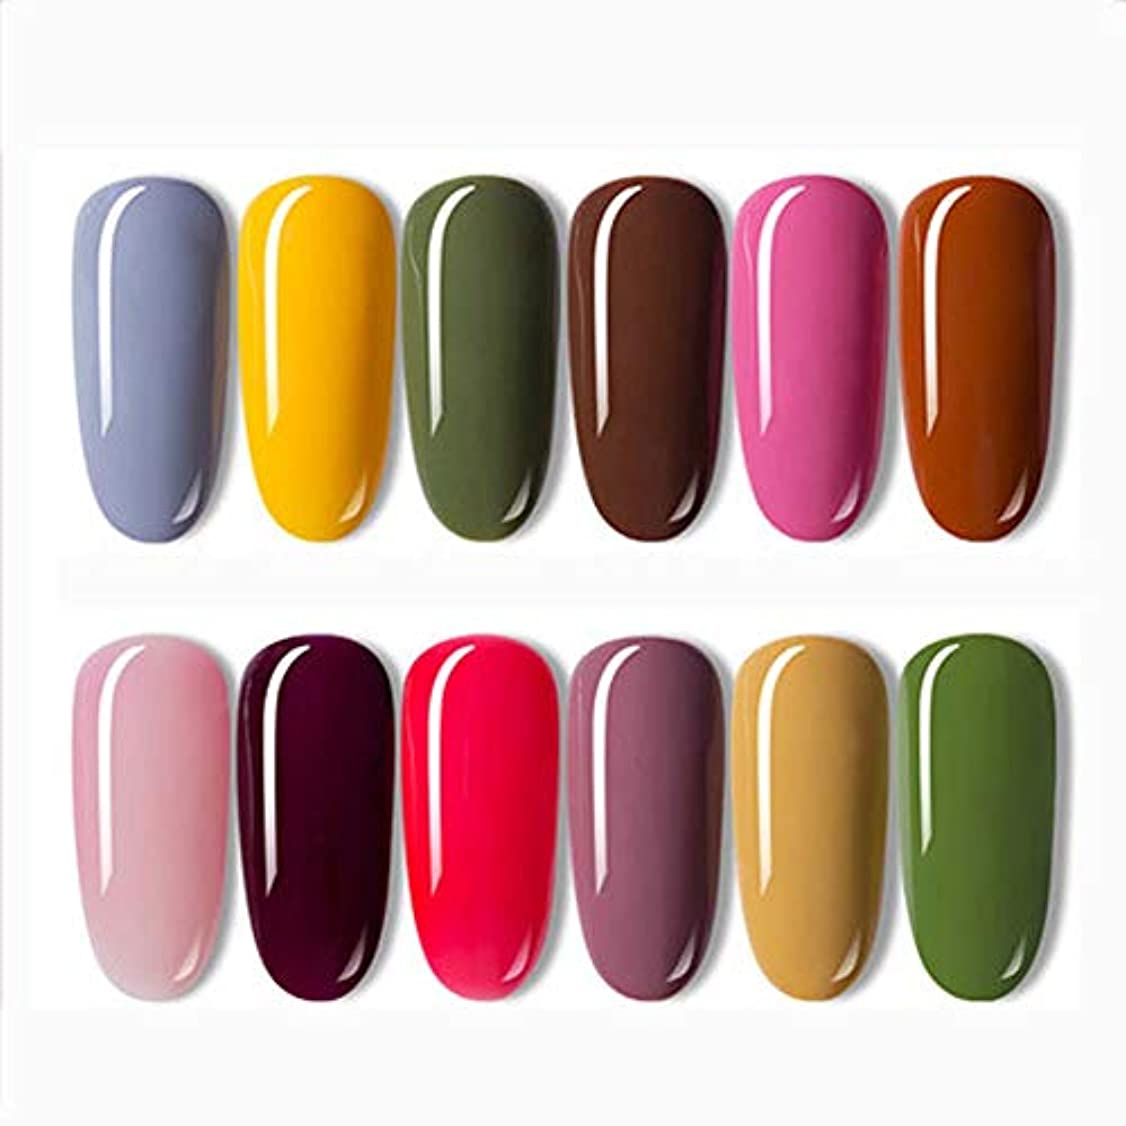 ジョージハンブリージョットディボンドンリアルUrft 女性用の新しいマニキュアセット安全な乾燥高速コレクションLEDランプ硬化クイックドライ長持ちシャイン高光沢ミラー効果12トレンディで光沢のある色